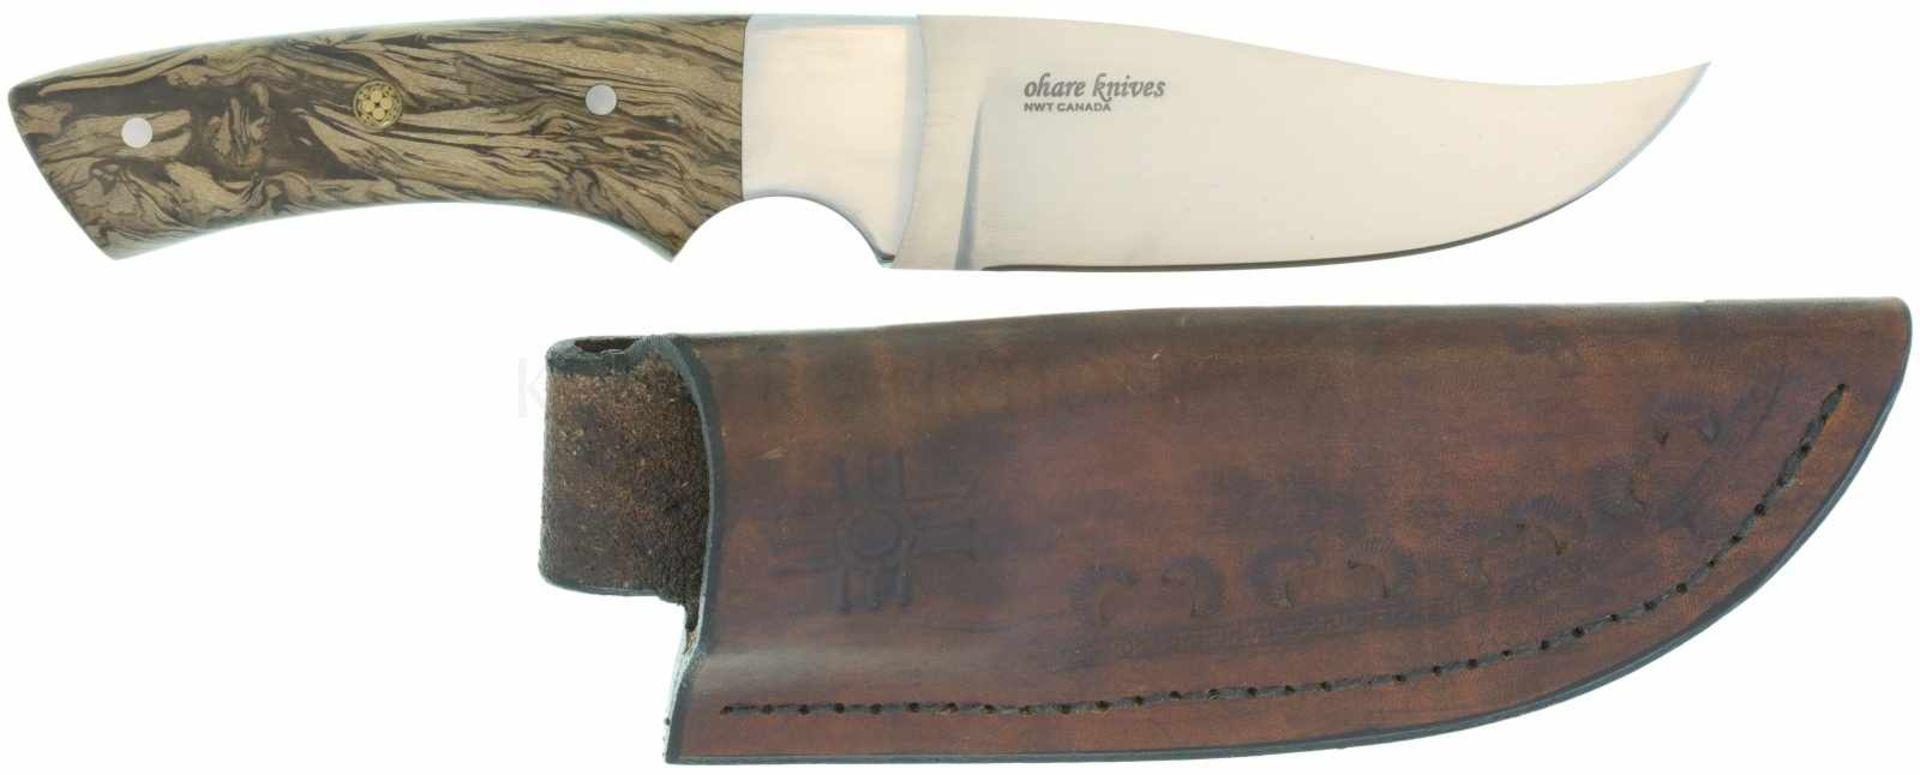 Skinner O'Hare Canada, Mod Whiskeyjack KL 106mm, TL 227mm, Klinge aus CPM154CM-Stahl, Edelstahl-